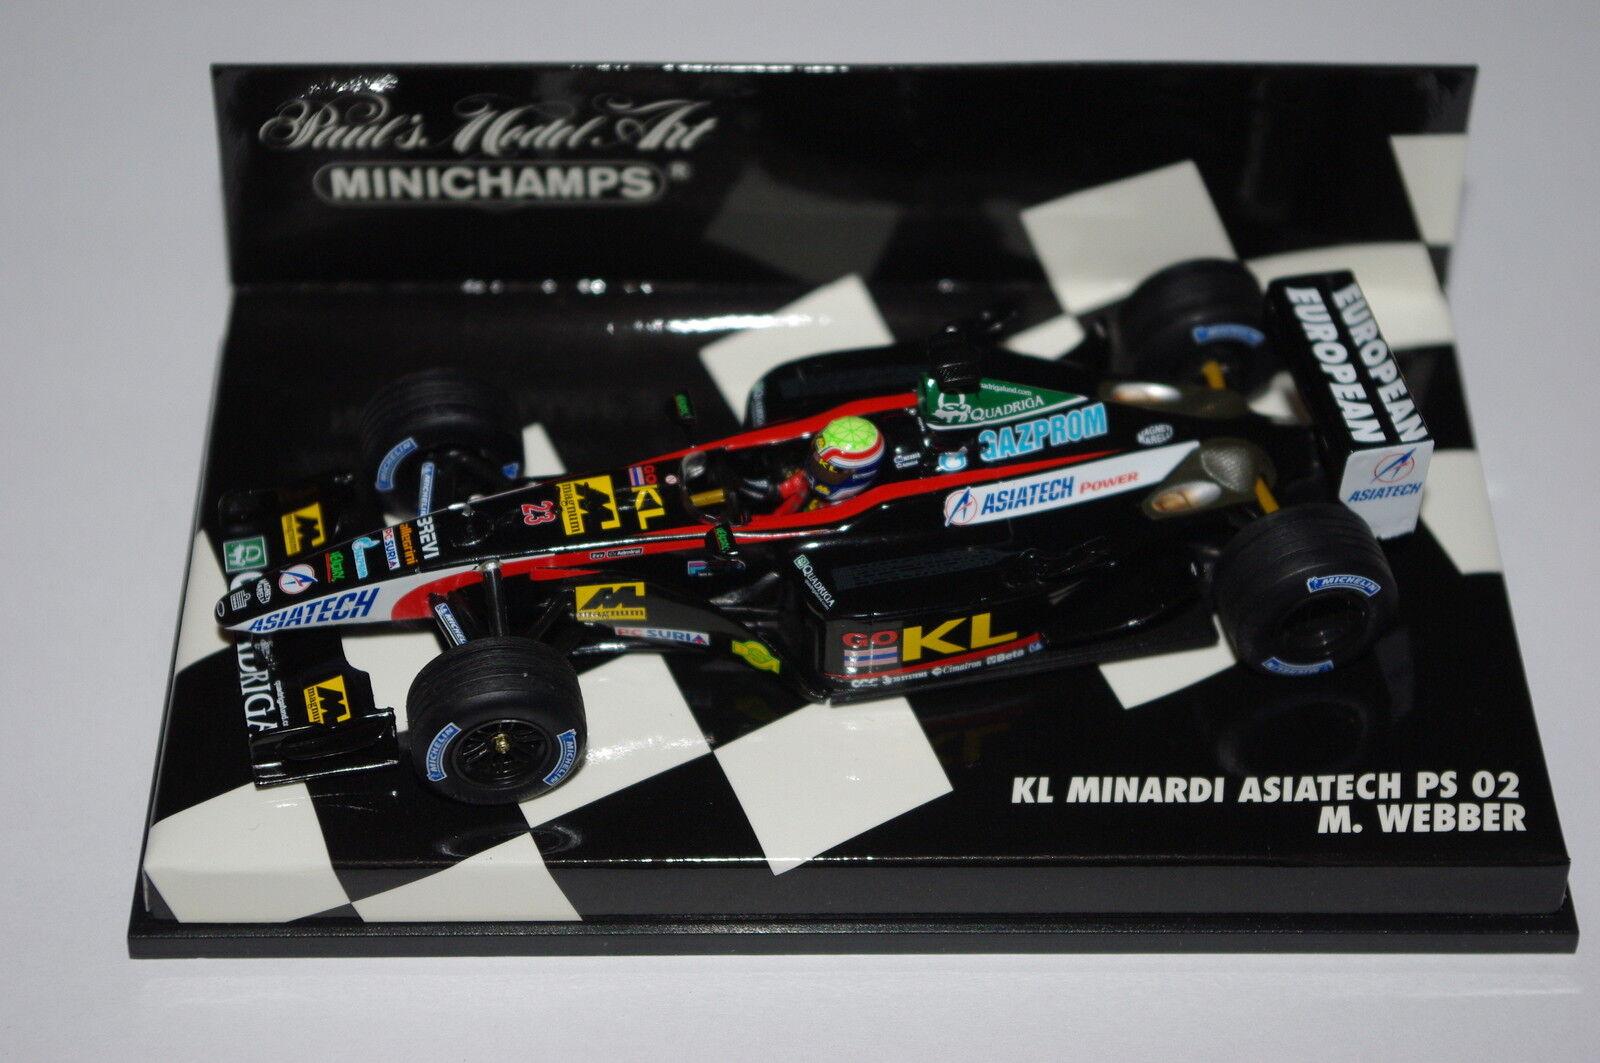 Minichamps F1 1 43 KL MINARDI ASIATECH PS 02 MARK WEBBER